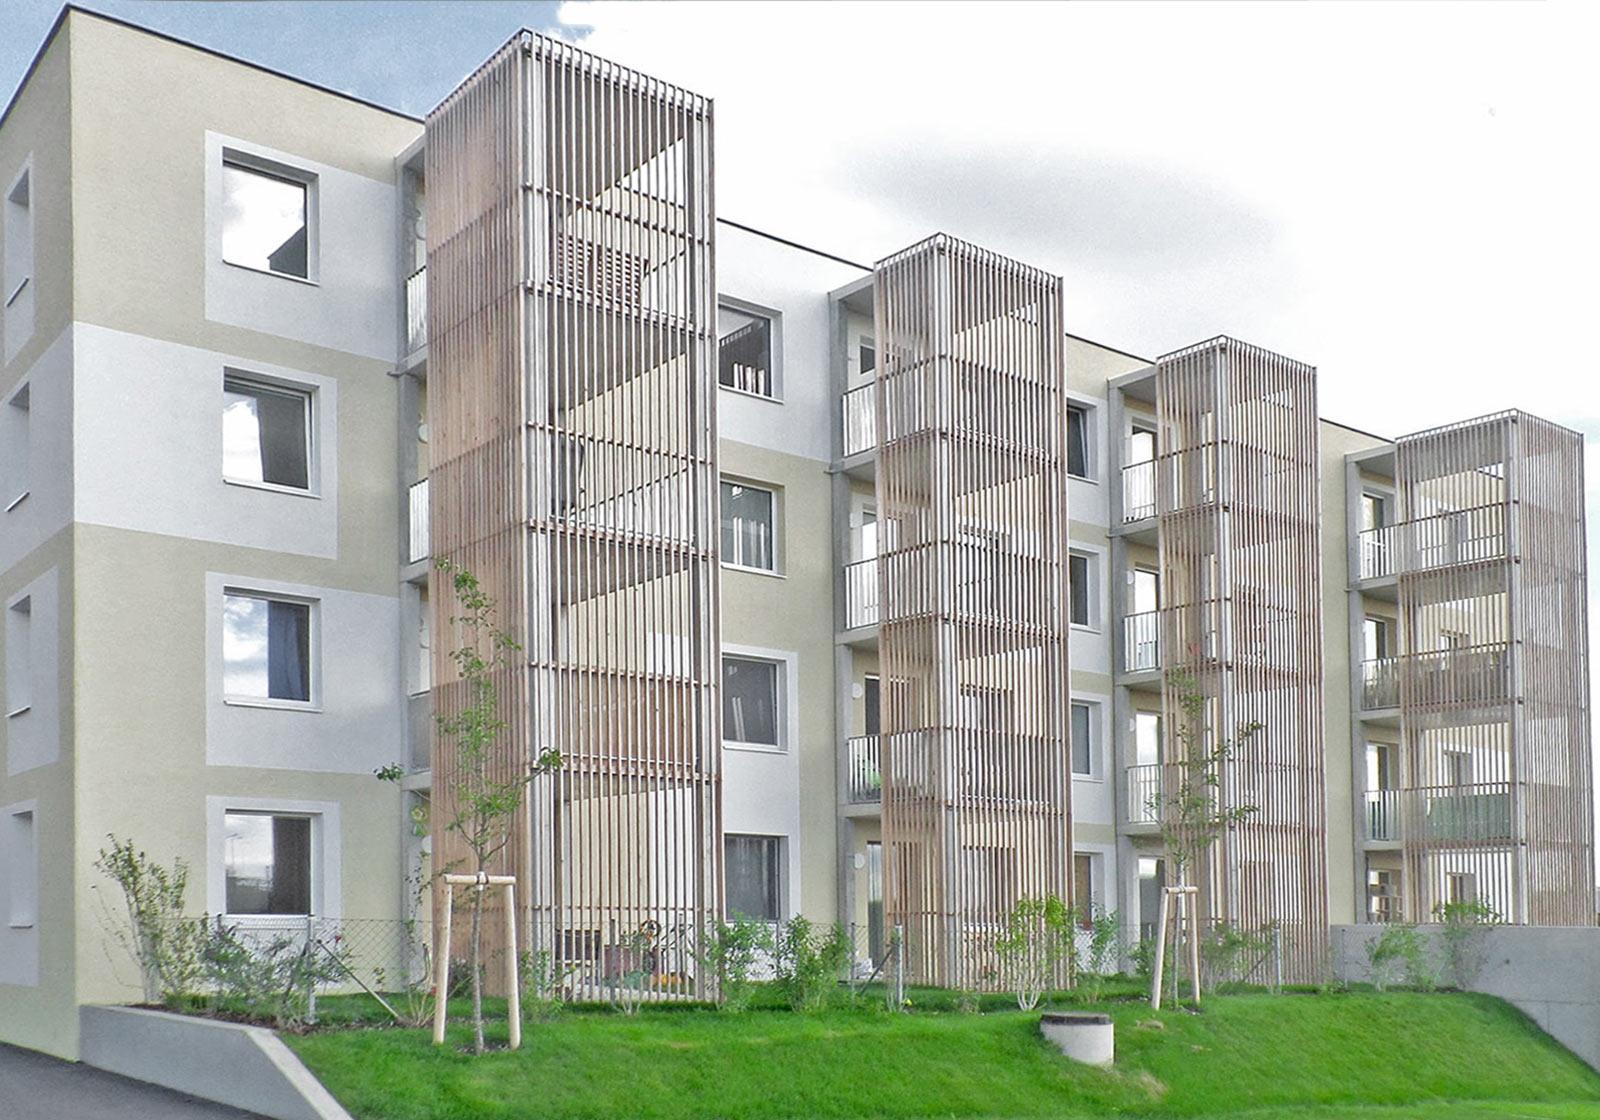 """Die Wohnhausanlage ARWAG/MIGRA D16/D17 wurde mit """"ÖGNB GOLD"""" ausgezeichnet. Foto: Herbert Jezek, ARWAG Bauträger GmbH"""